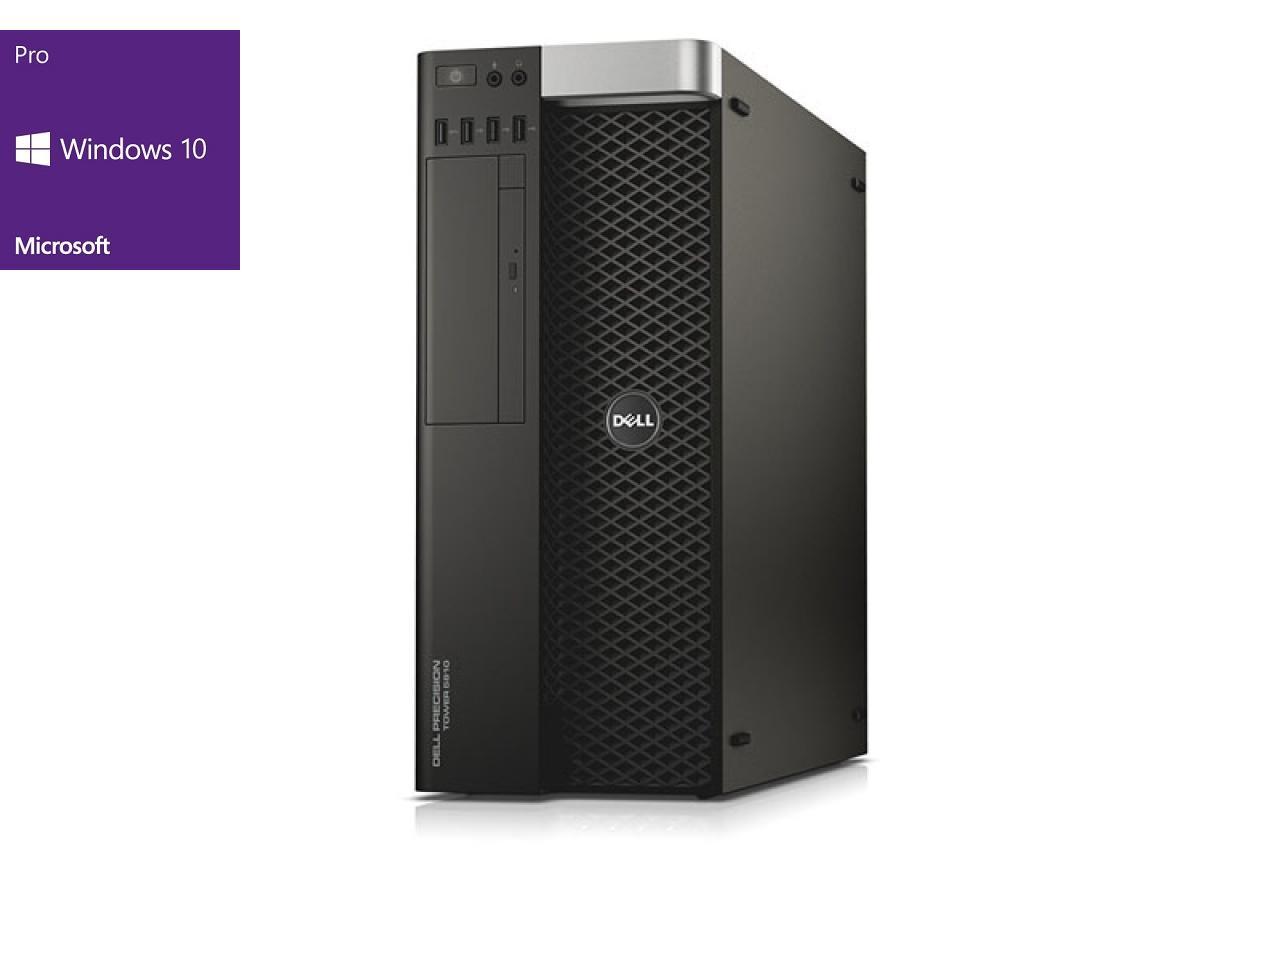 Dell Precision 5810 T